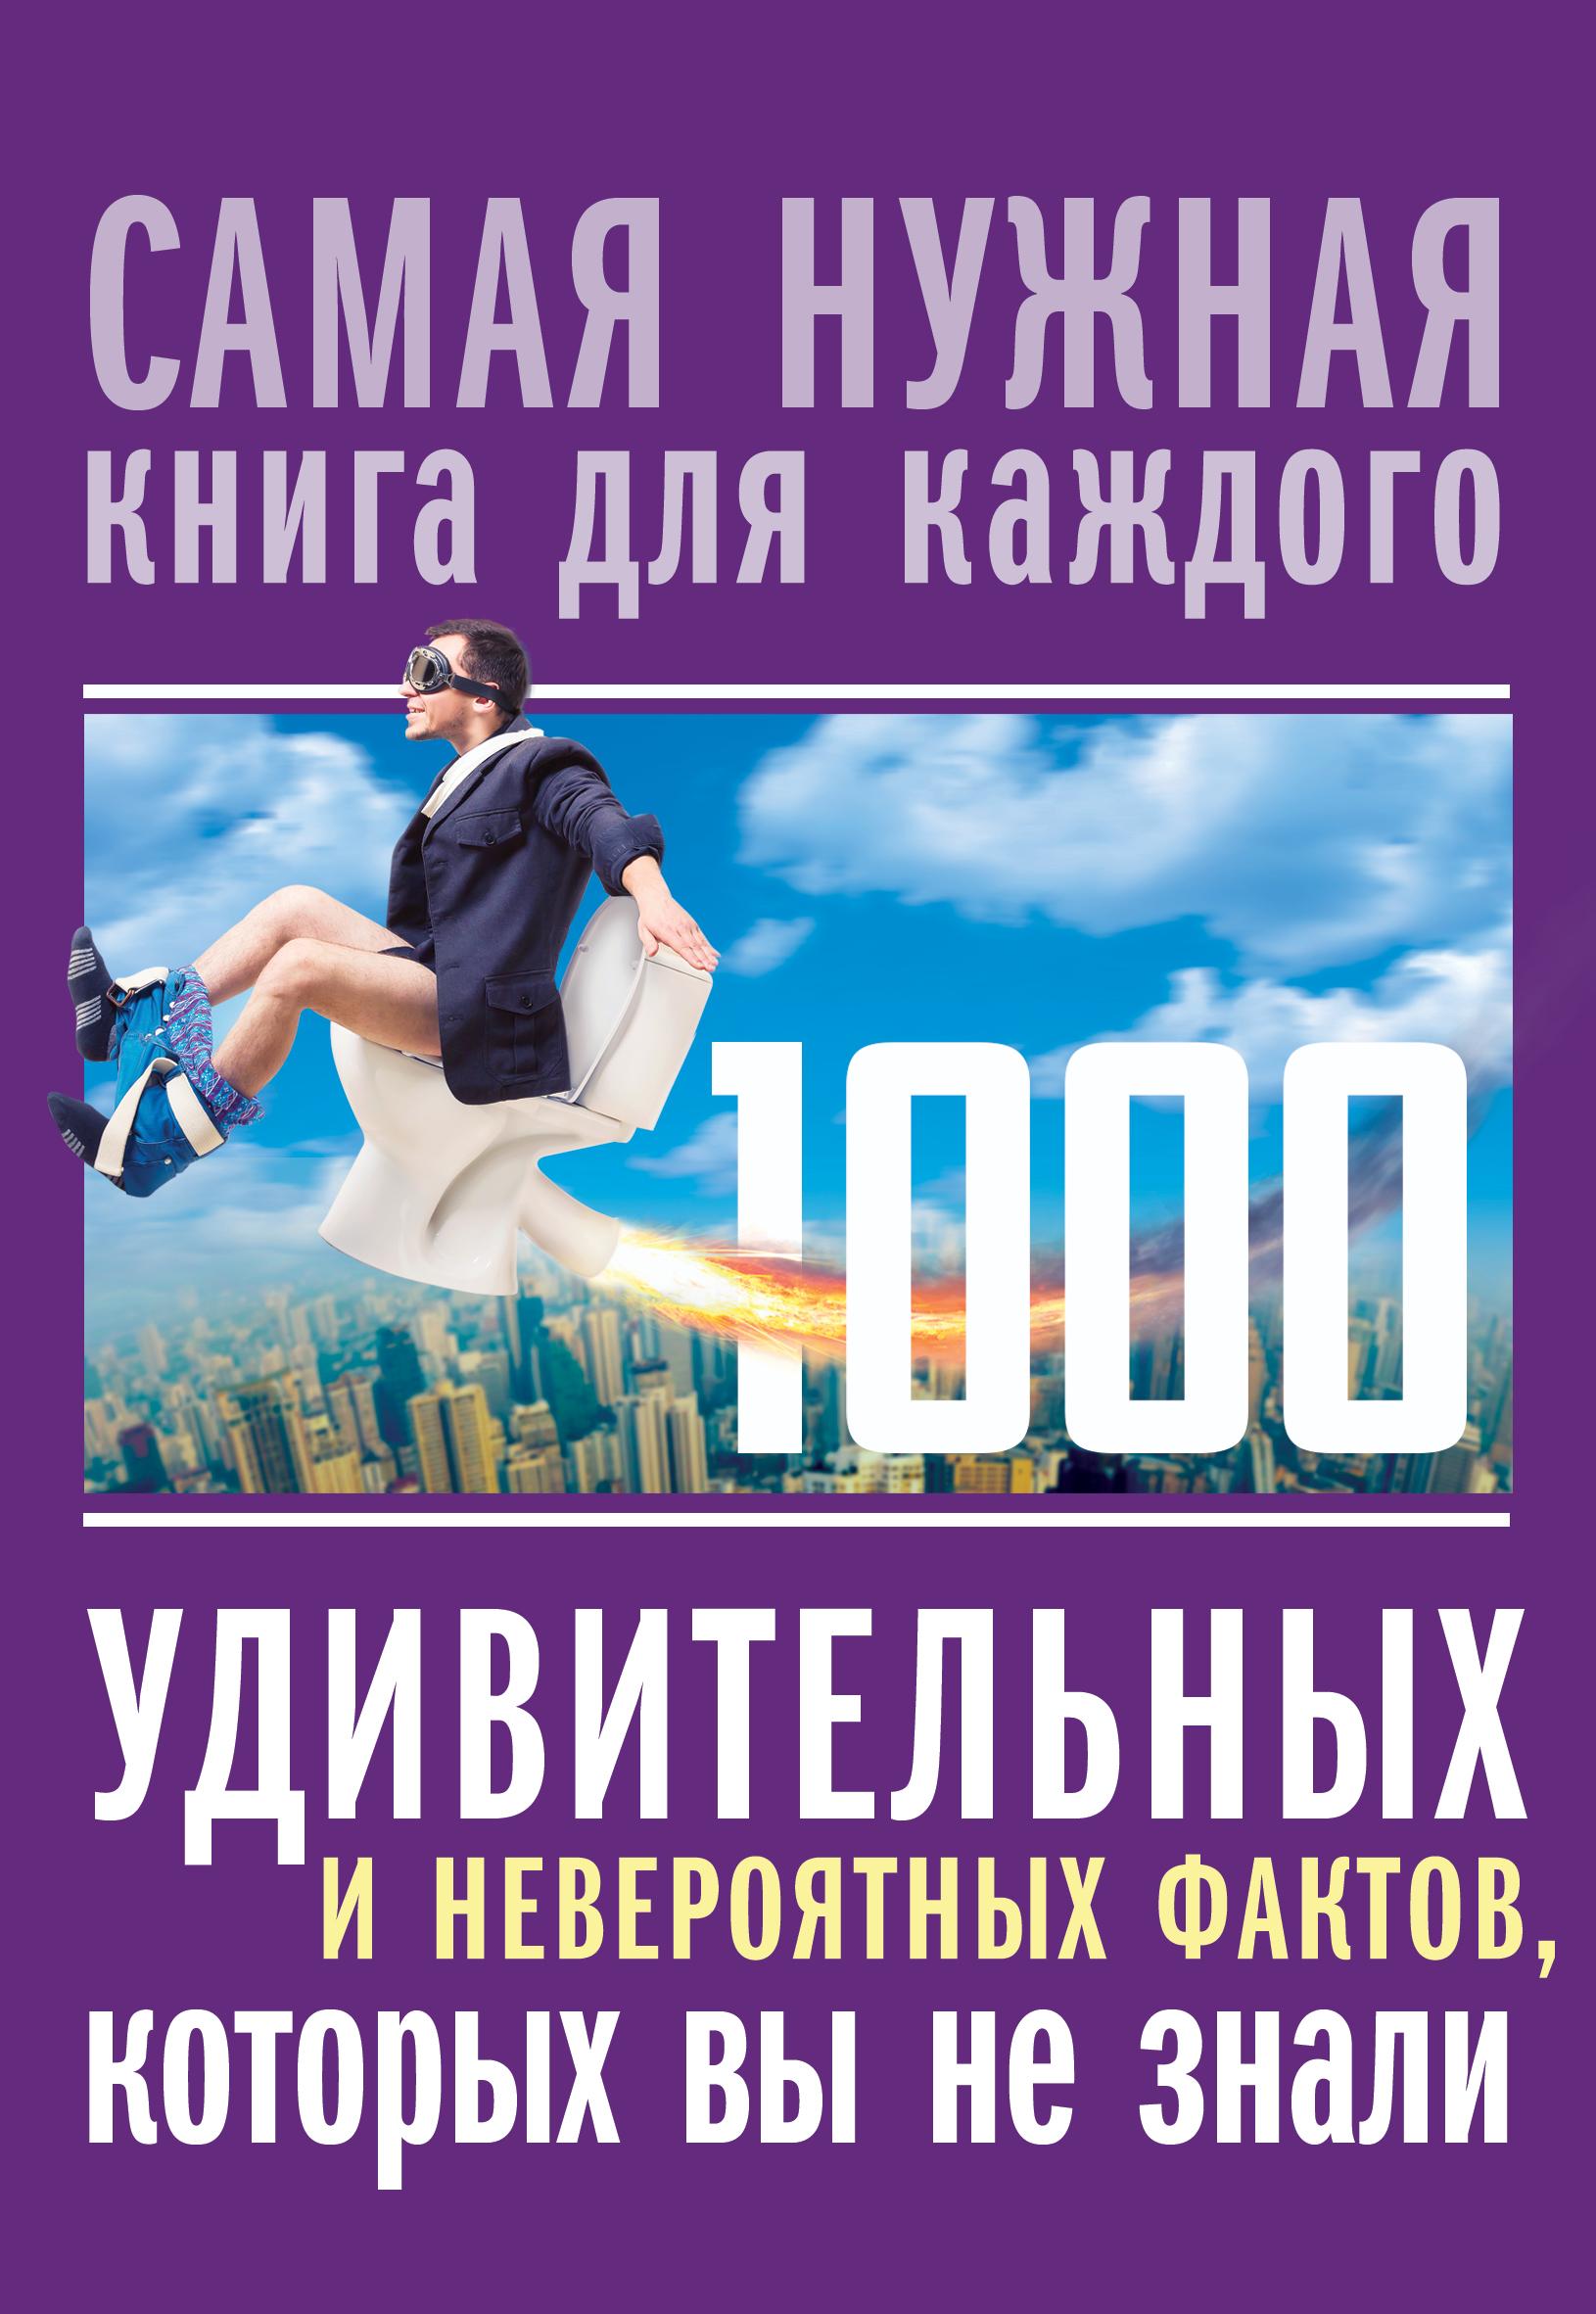 Любовь Кремер 1000 удивительных и невероятных фактов, которых вы не знали фалкирк м самая нескучная книга для самых скучных мест 1000 удивительных фактов о которых вы не знали